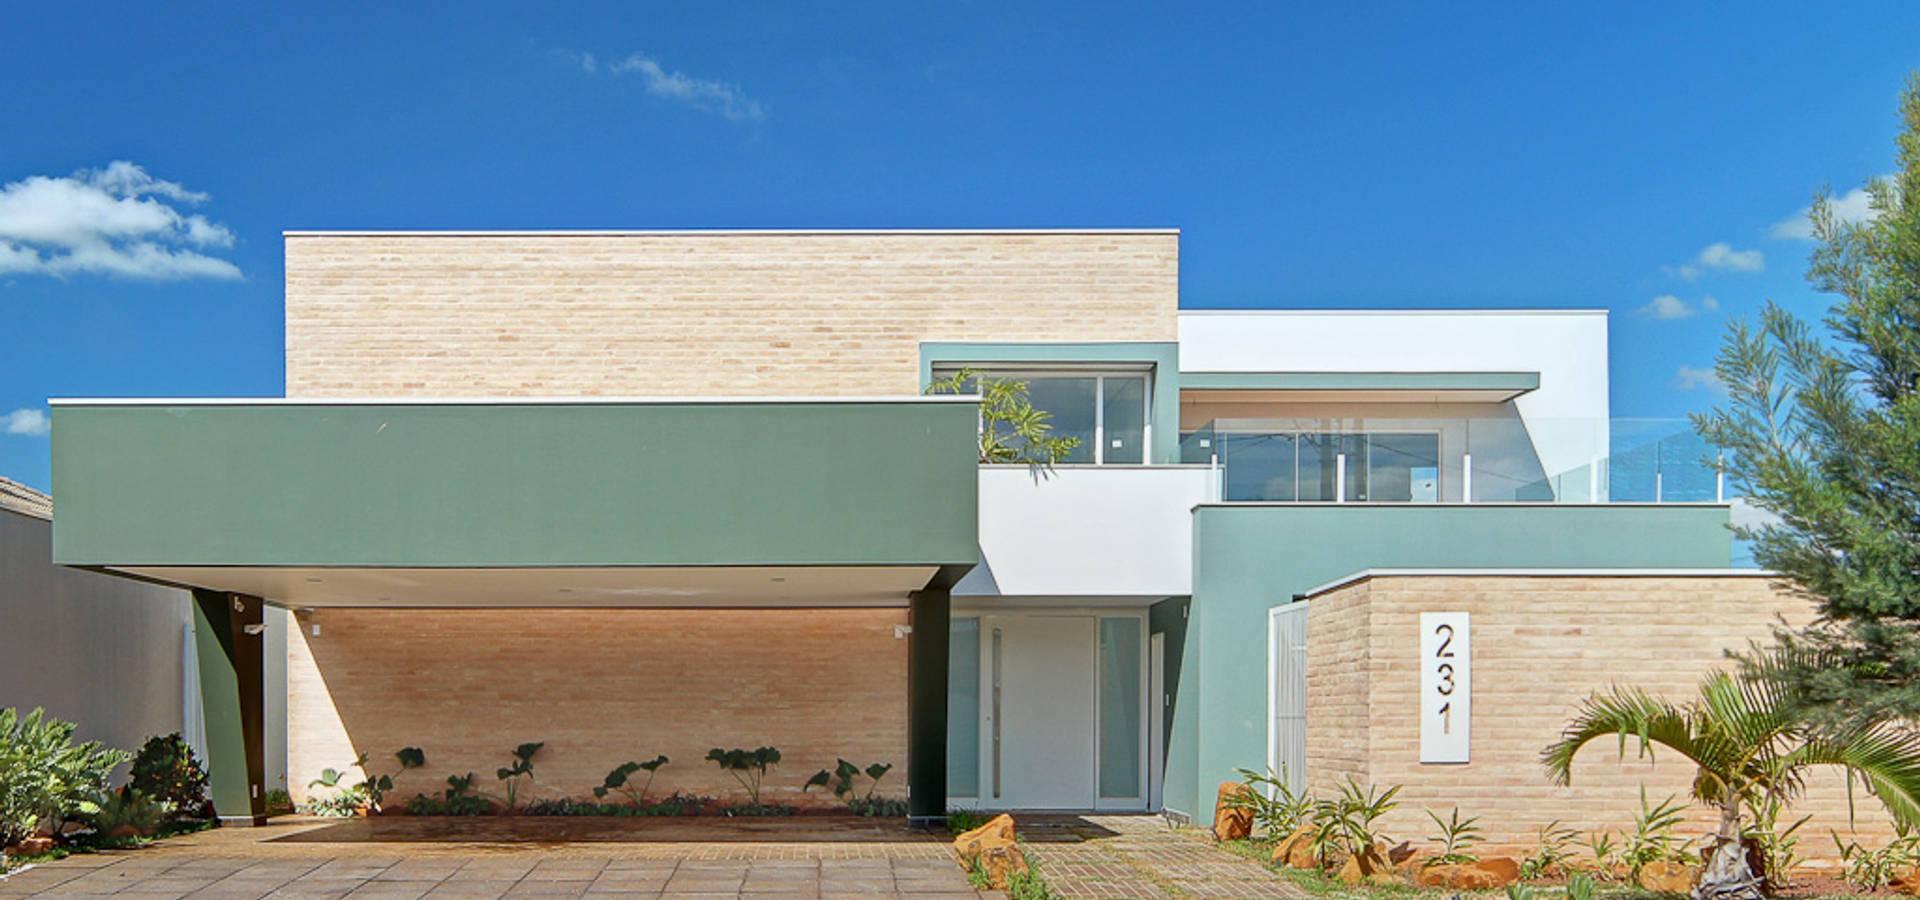 VOLF arquitetura & design